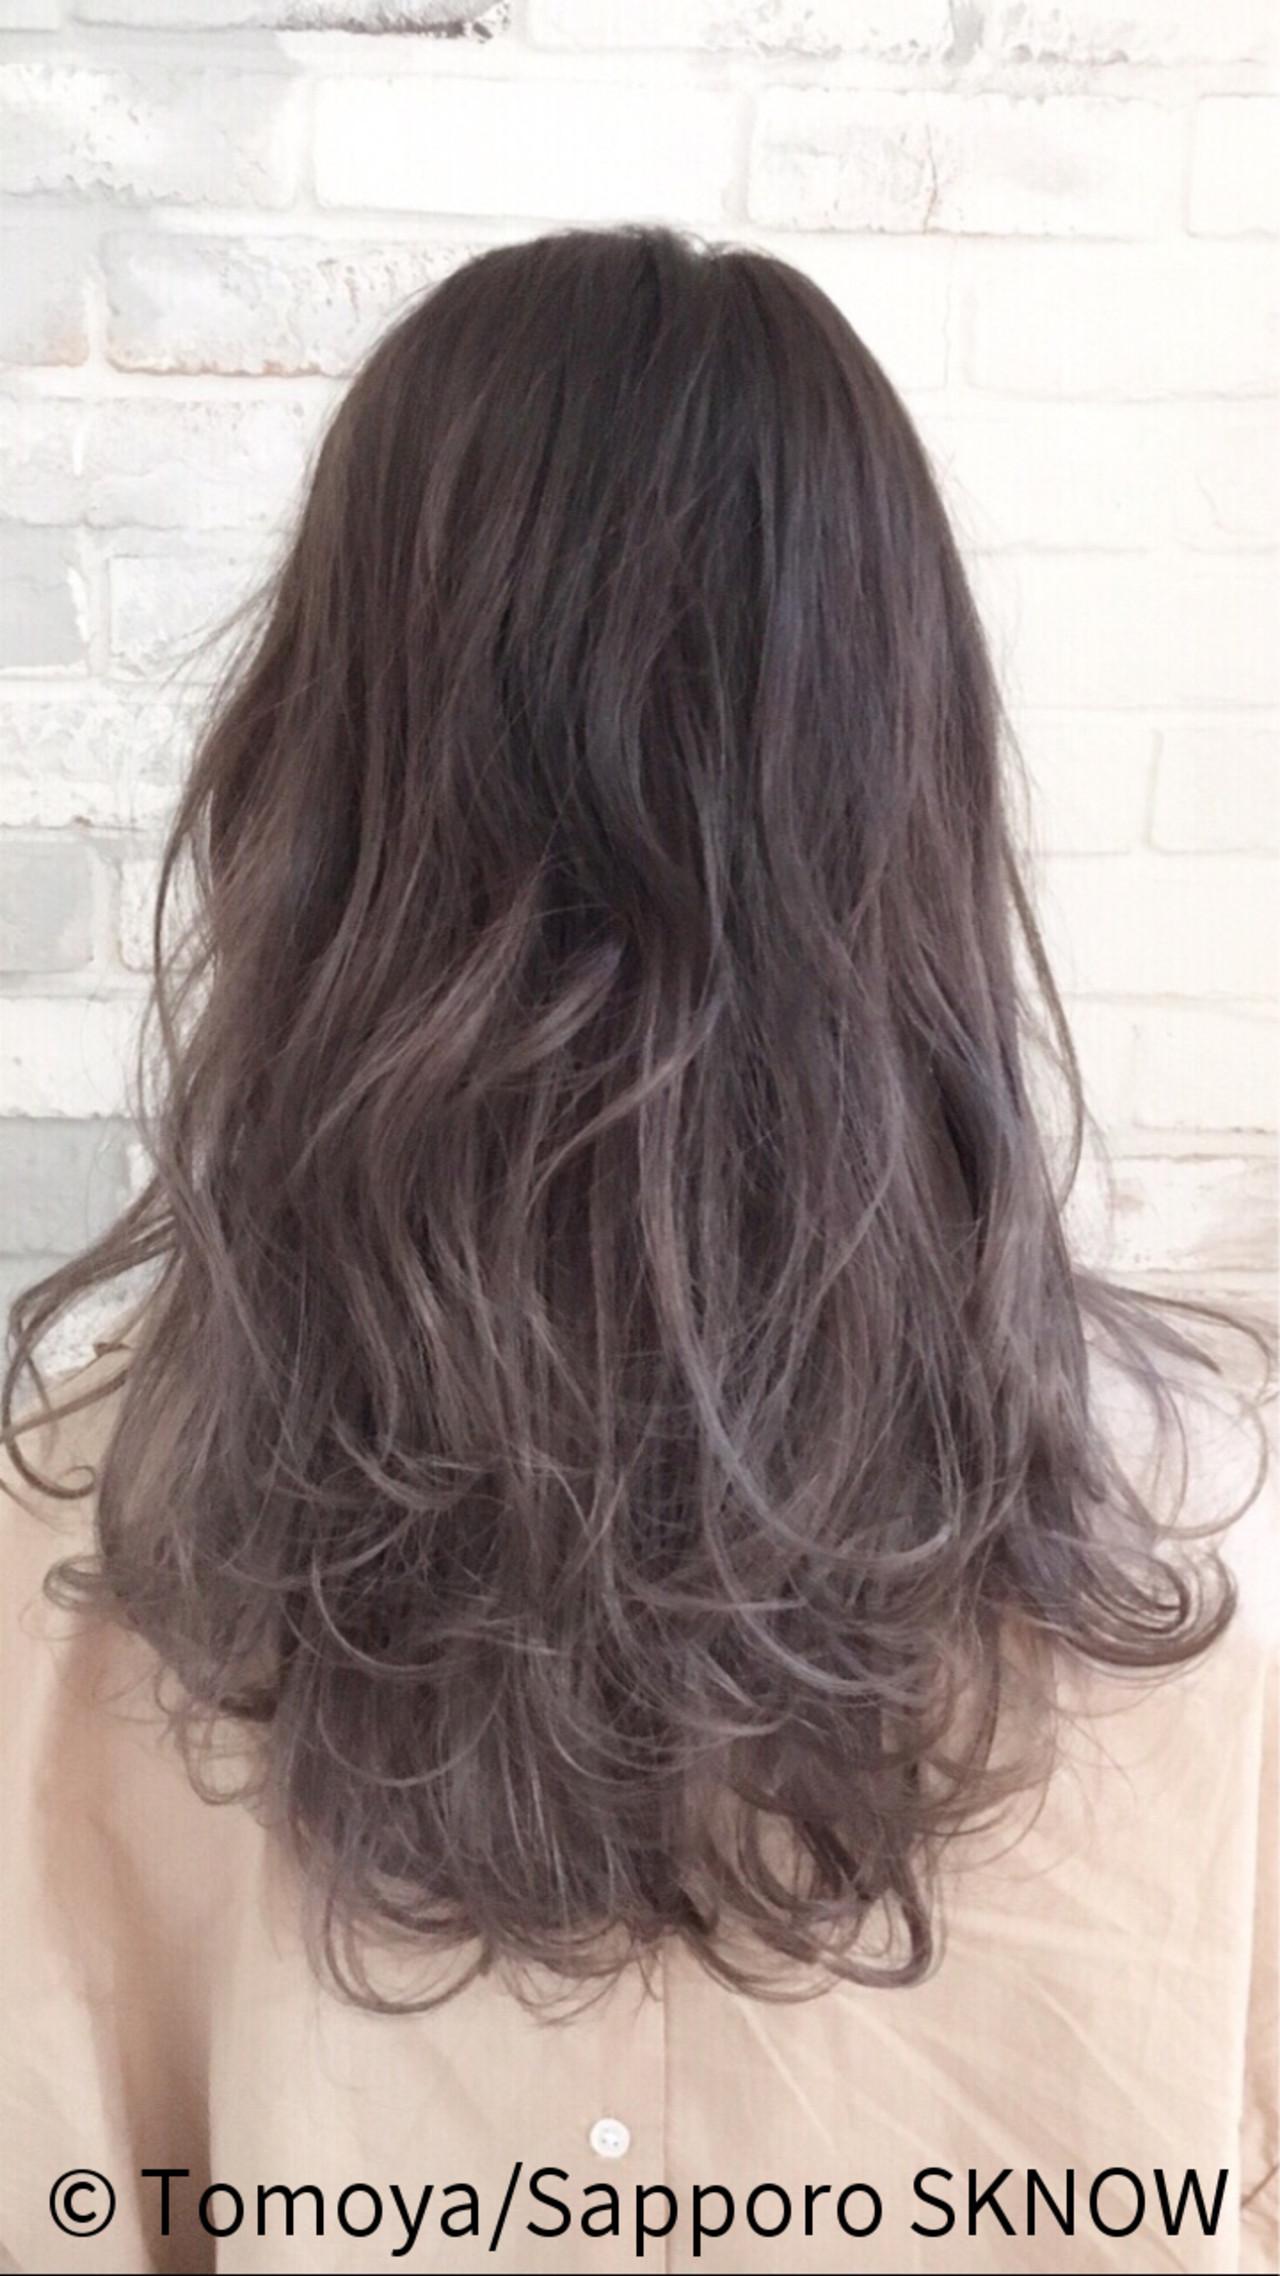 デート グラデーションカラー ラベンダーアッシュ ストリート ヘアスタイルや髪型の写真・画像